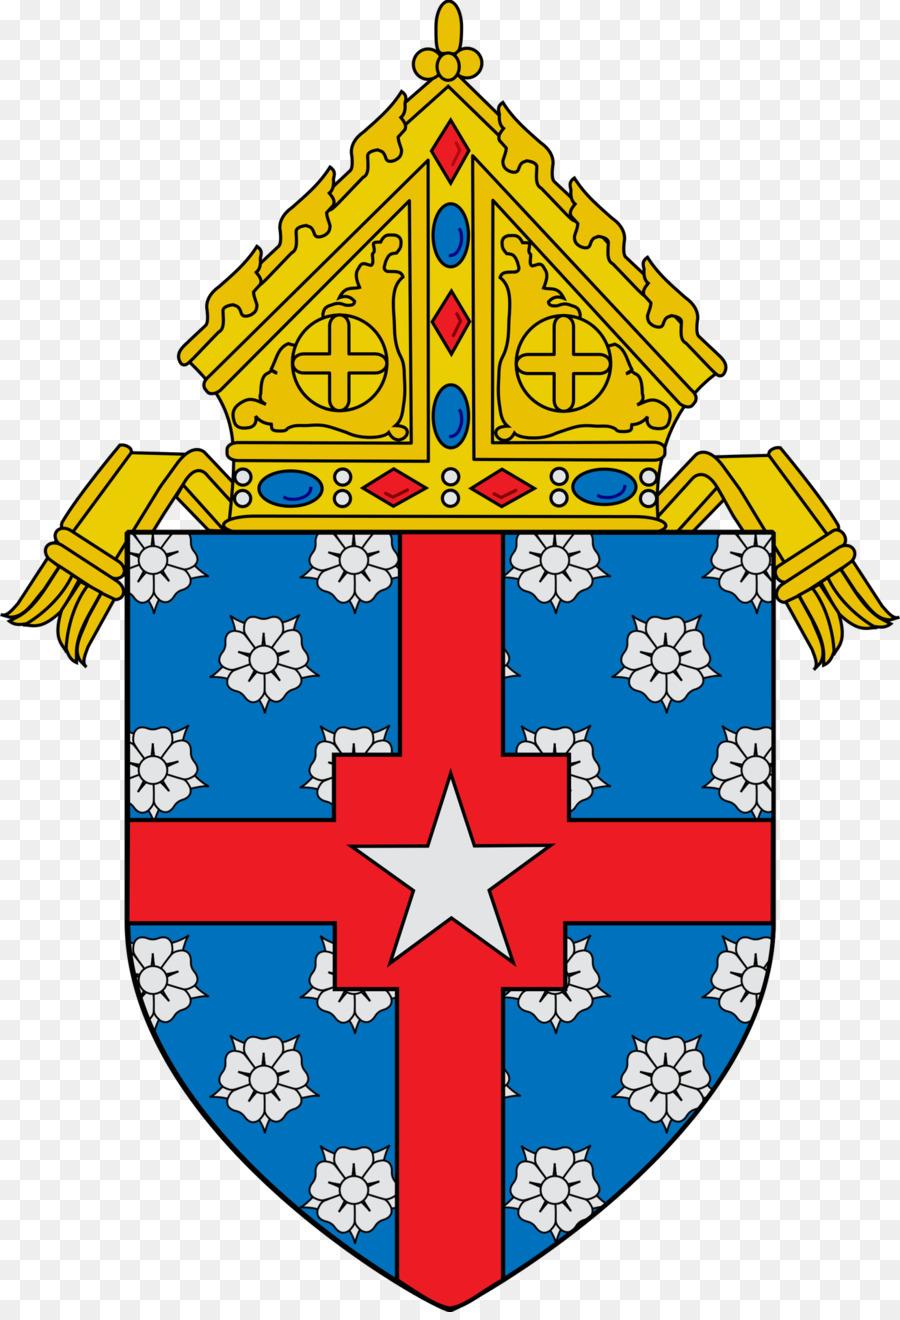 Descarga gratuita de Archidiócesis Católica Romana De Los ángeles, Archidiócesis Católica Romana De Davao, Archidiócesis Católica Romana De Newark imágenes PNG